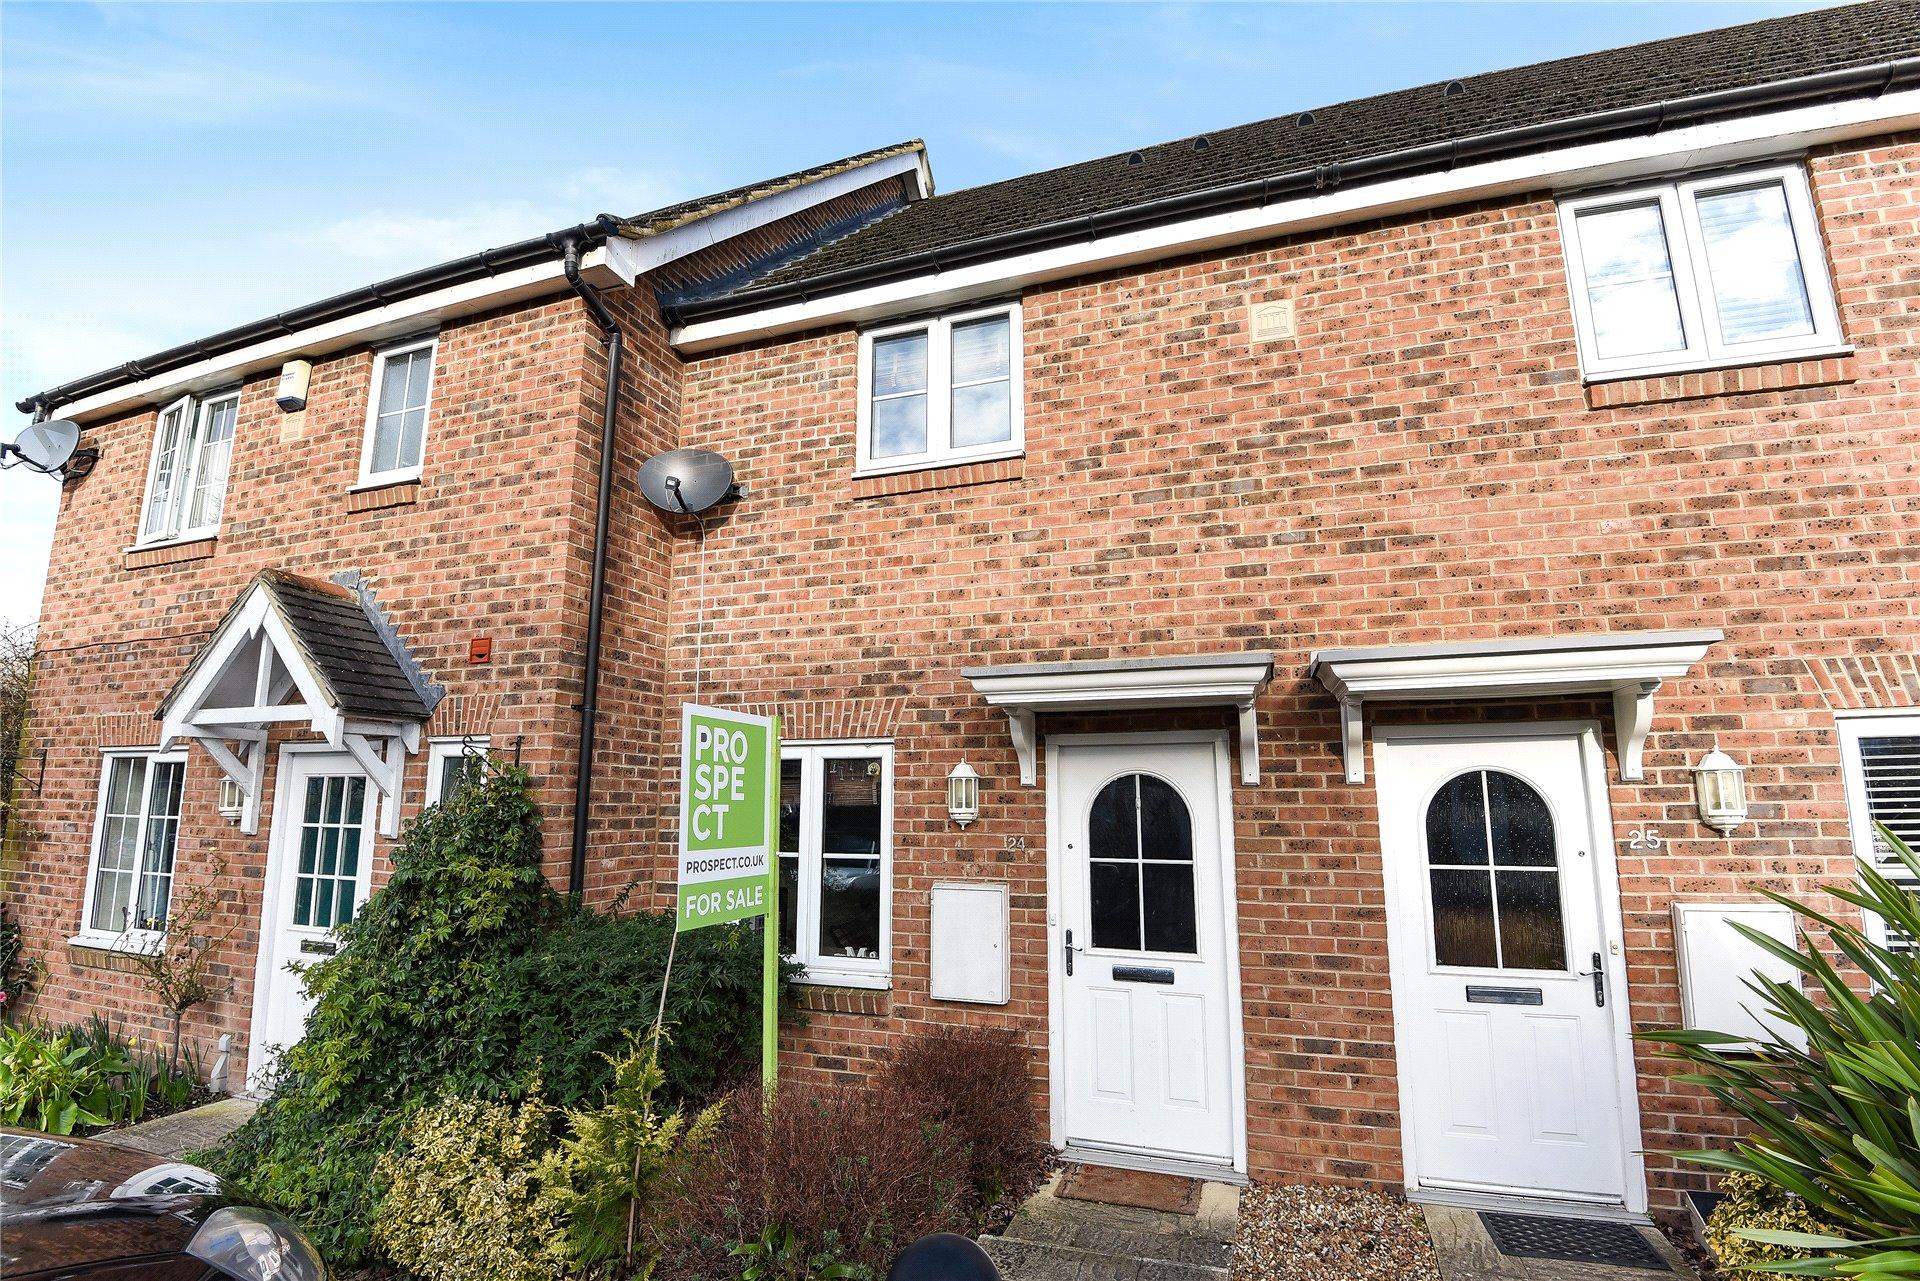 2 Bedrooms Terraced House for sale in Angus Close, Winnersh, Wokingham, Berkshire, RG41